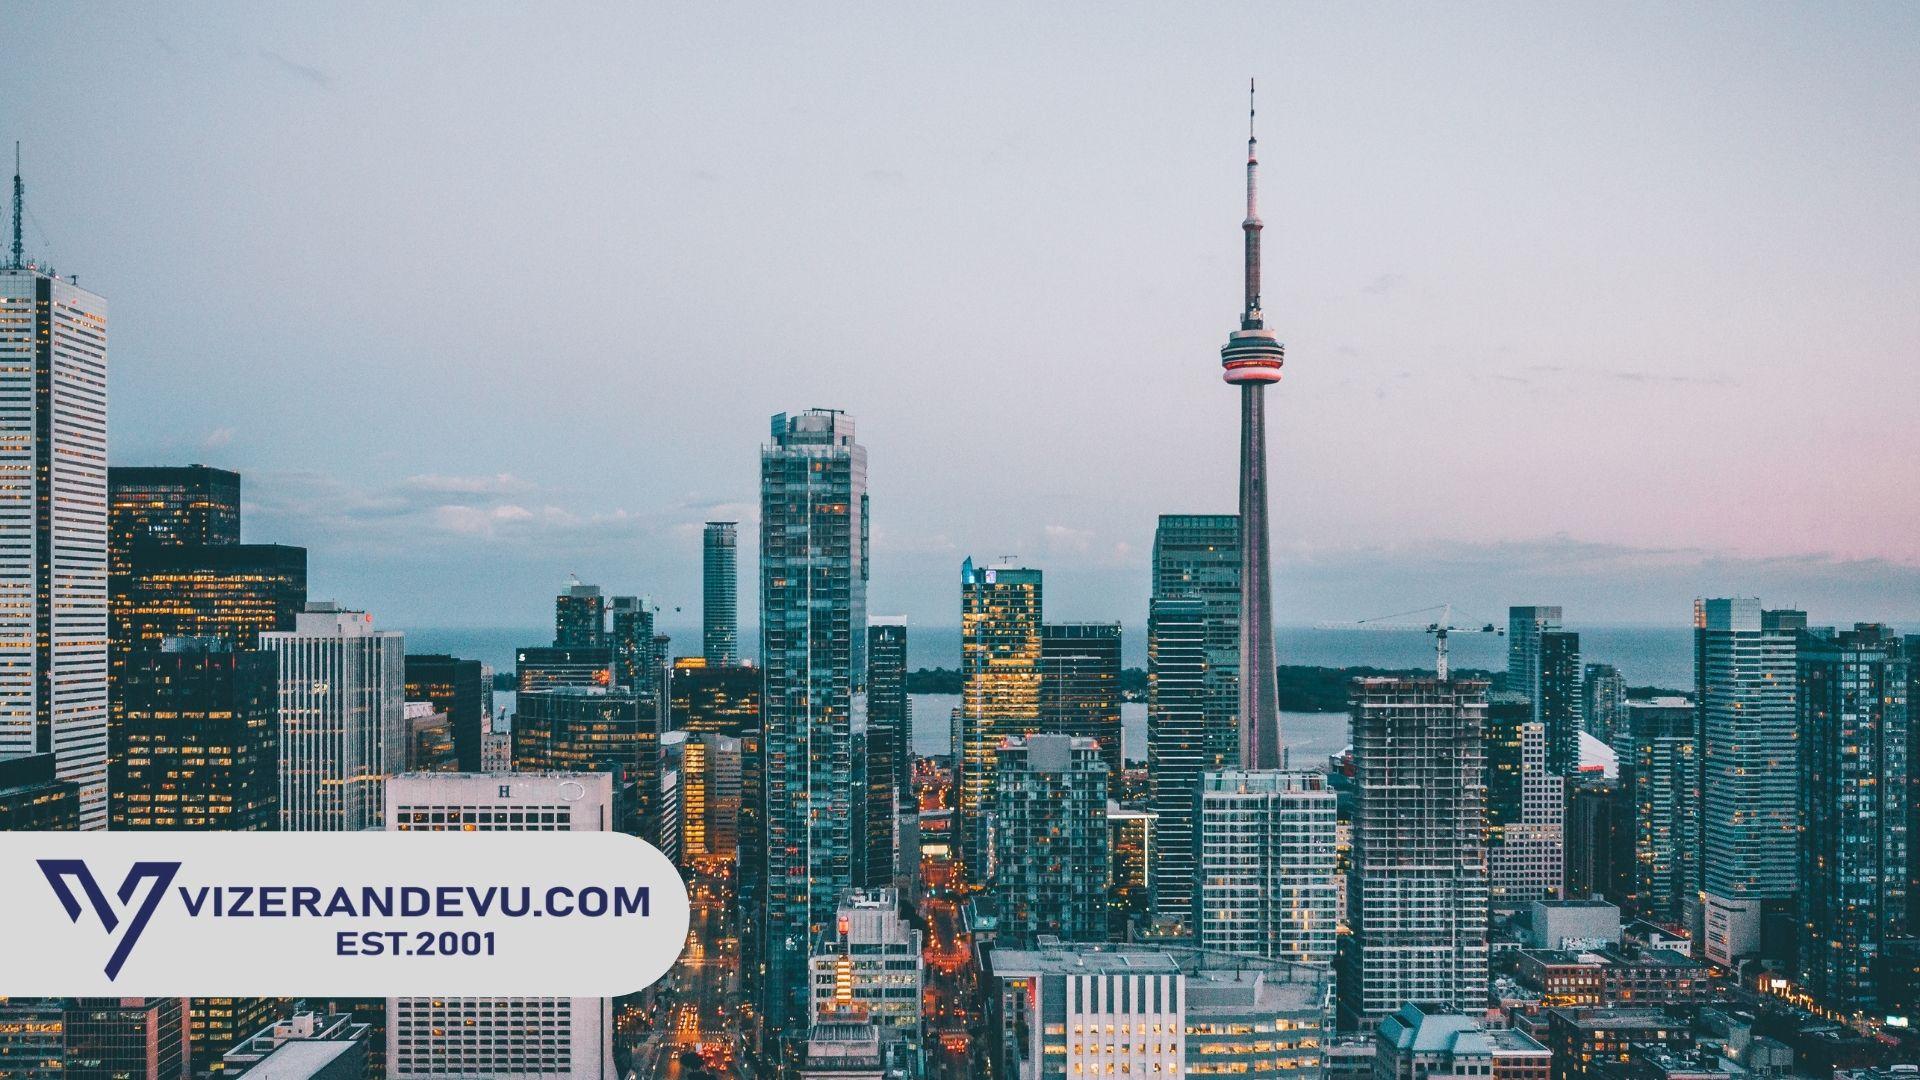 Kanada Oturum ve Vatandaşlık Başvurusu